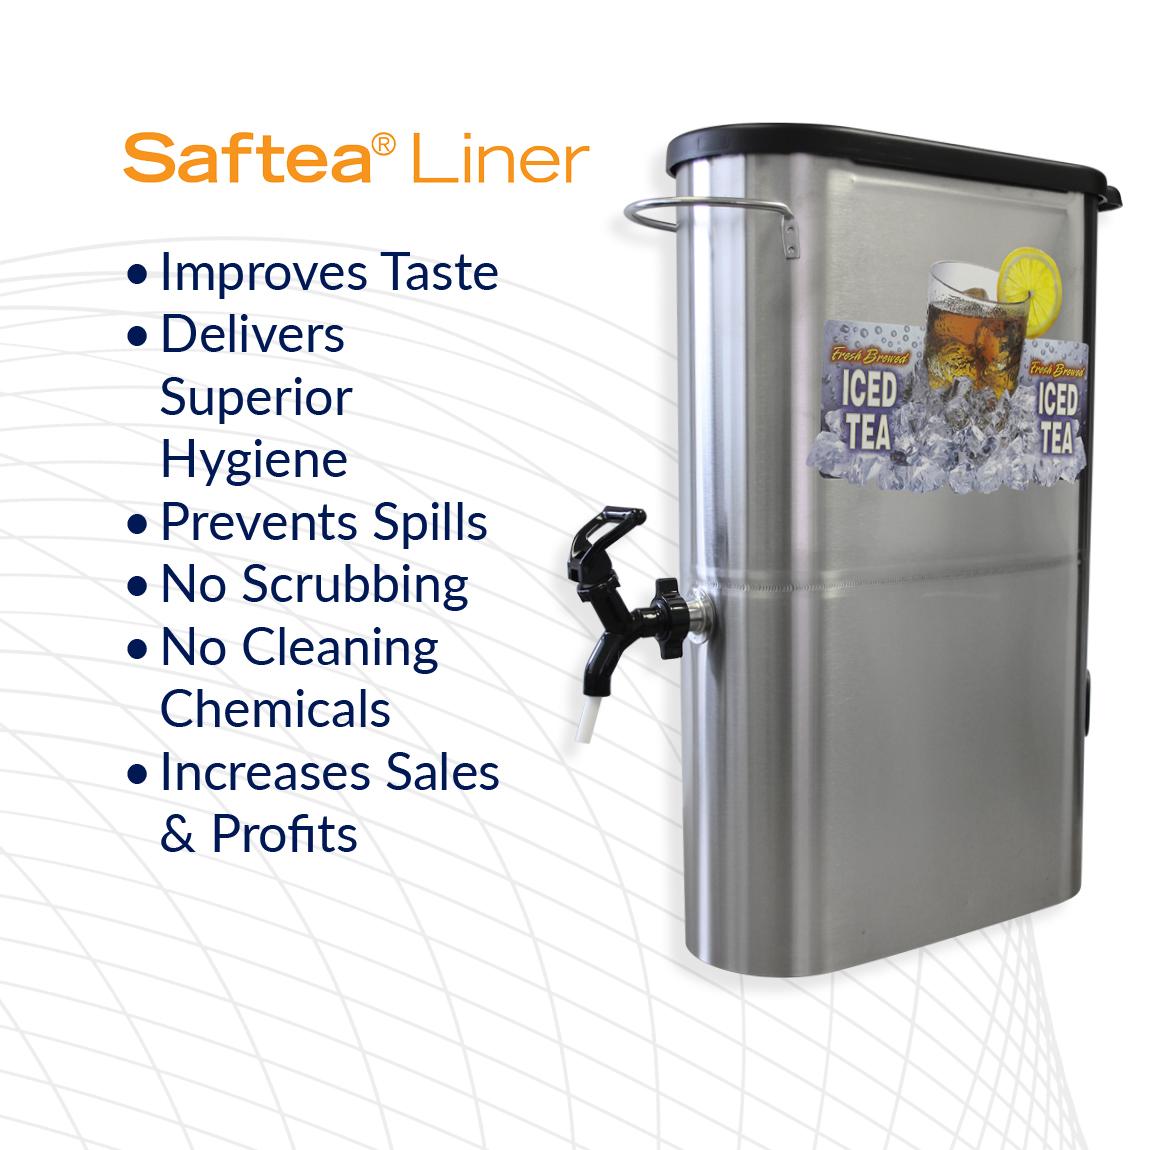 Saftea Liner® Benefits